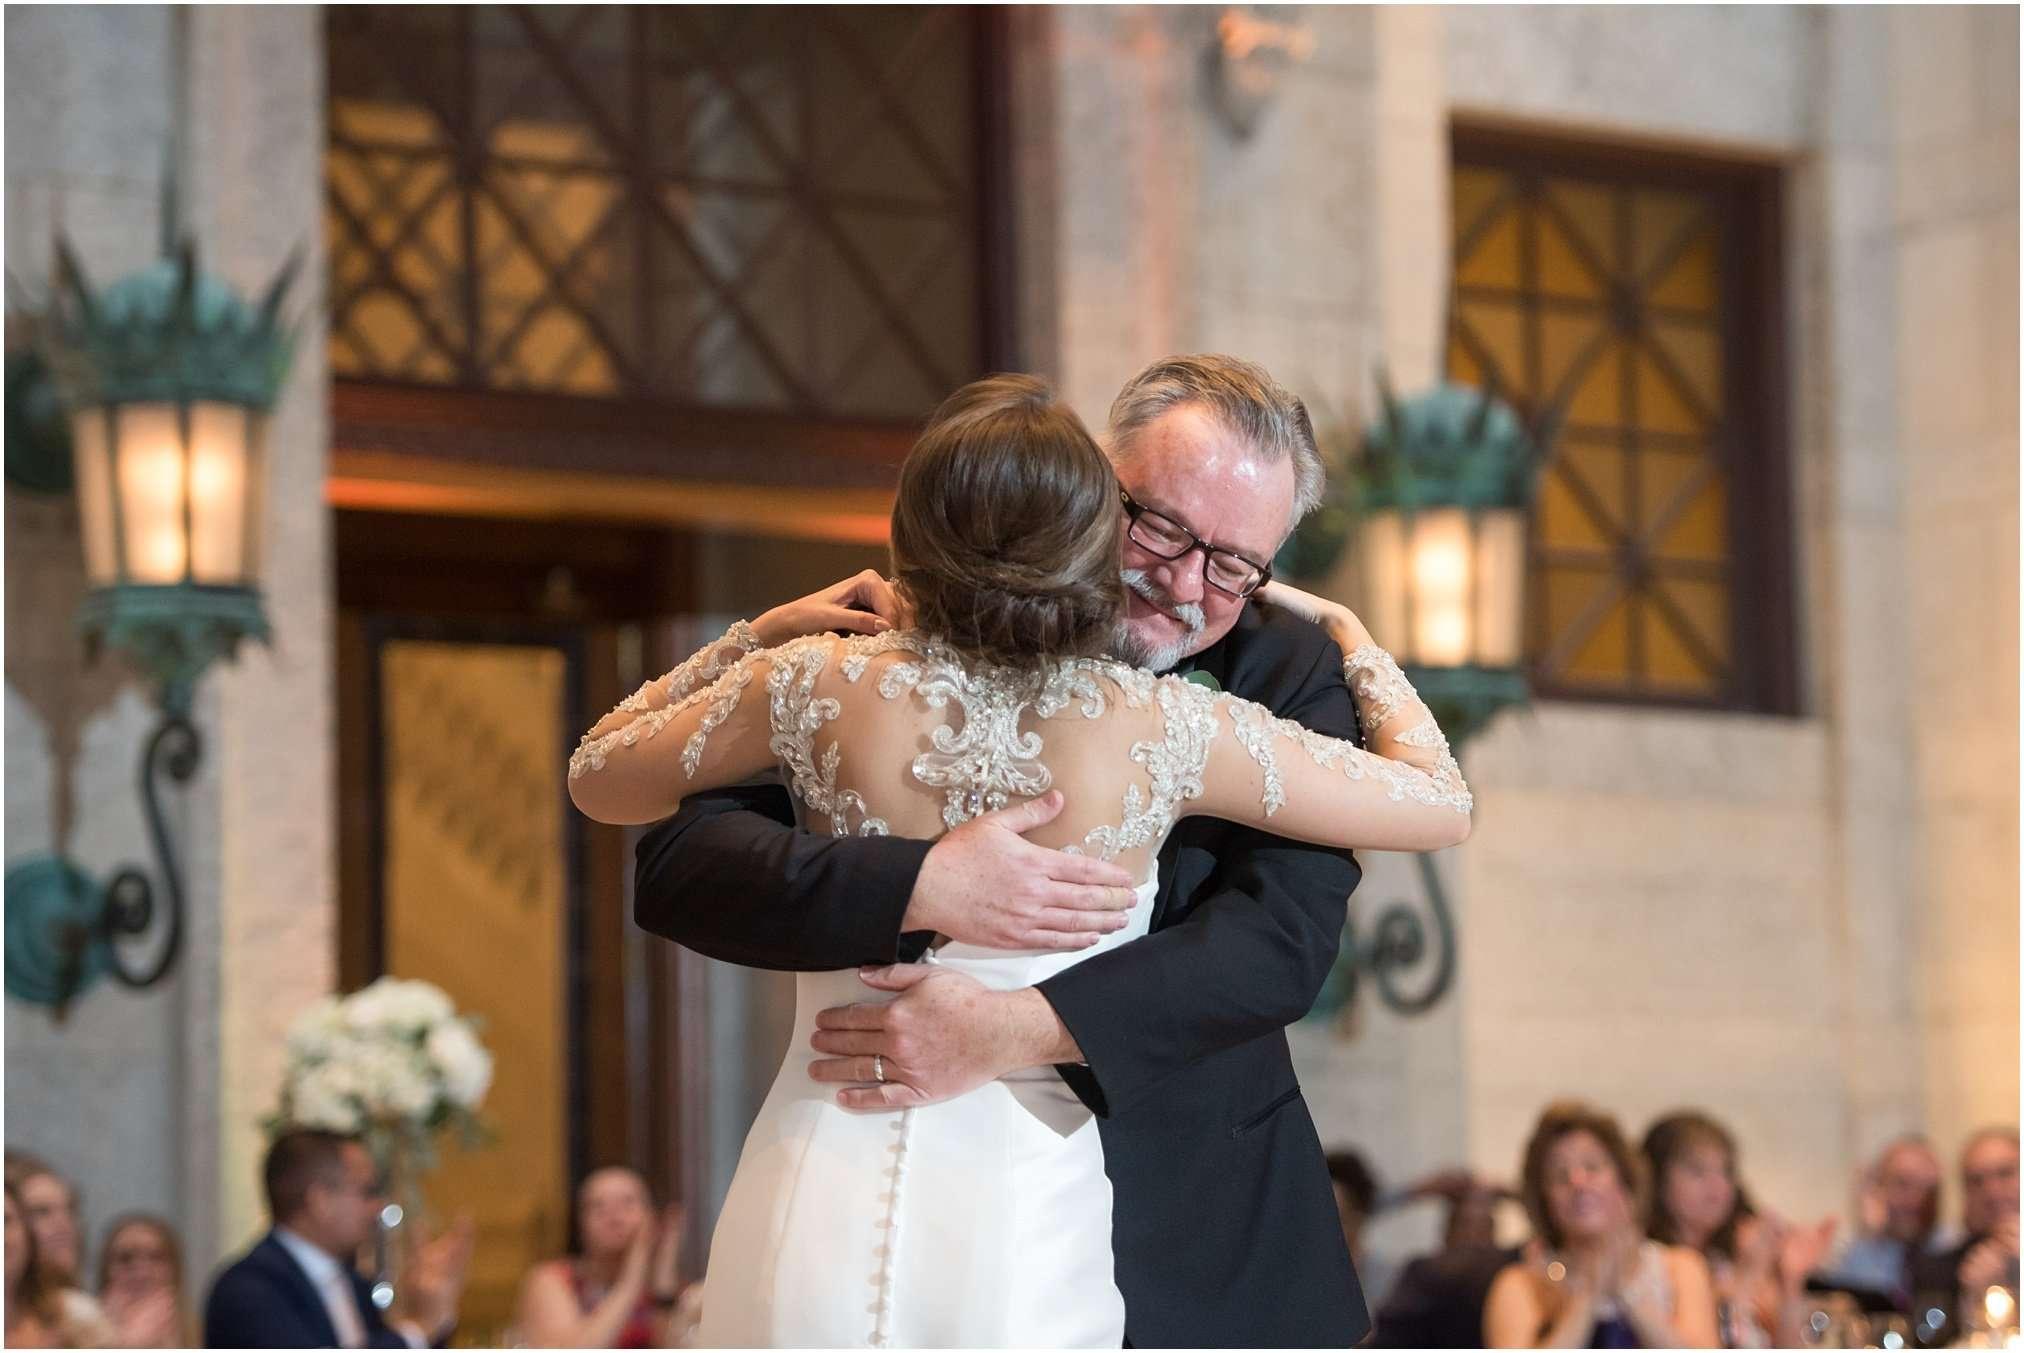 Spring Wedding at the Ohio Statehouse | Columbus Ohio Photography 220